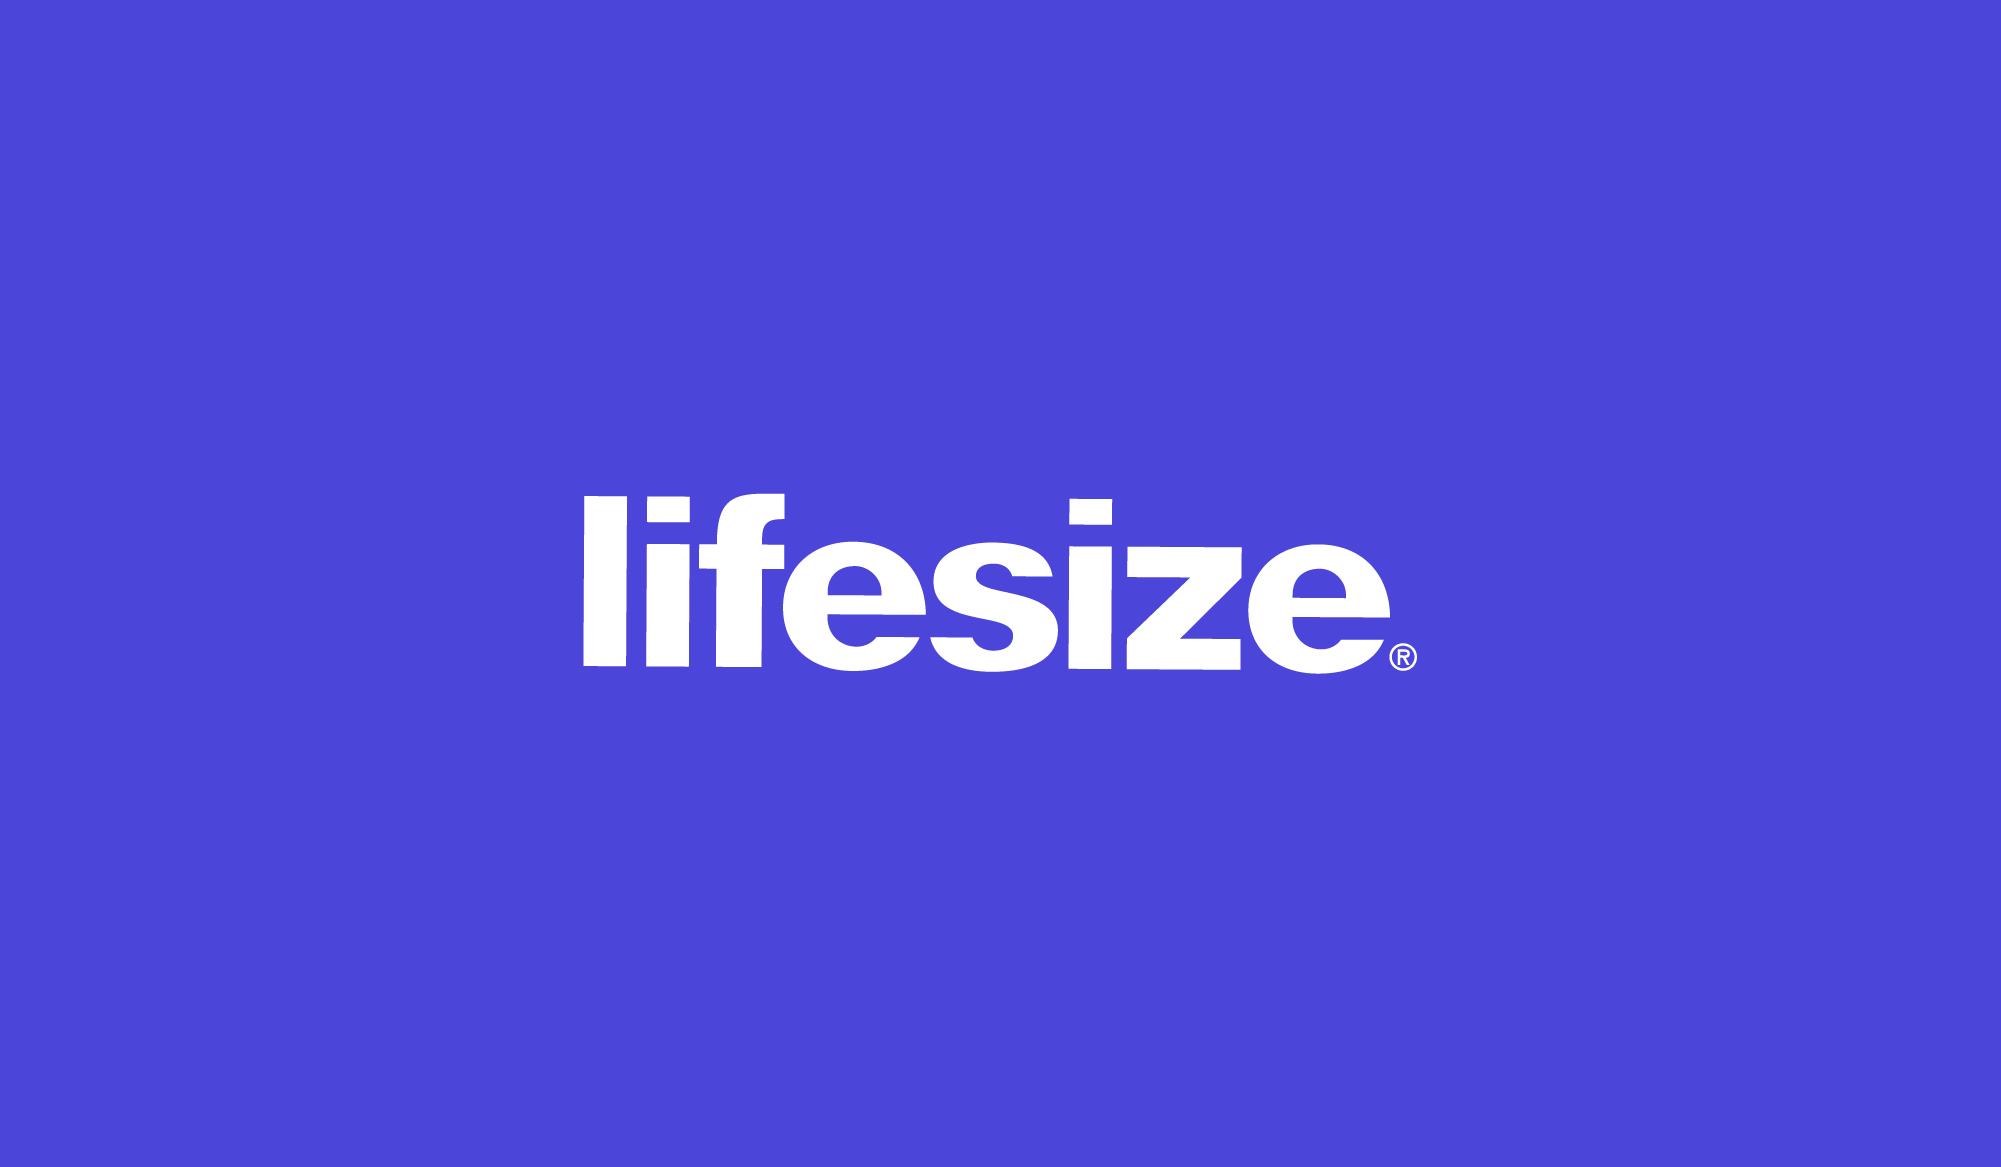 sb-logo-lifesize-09